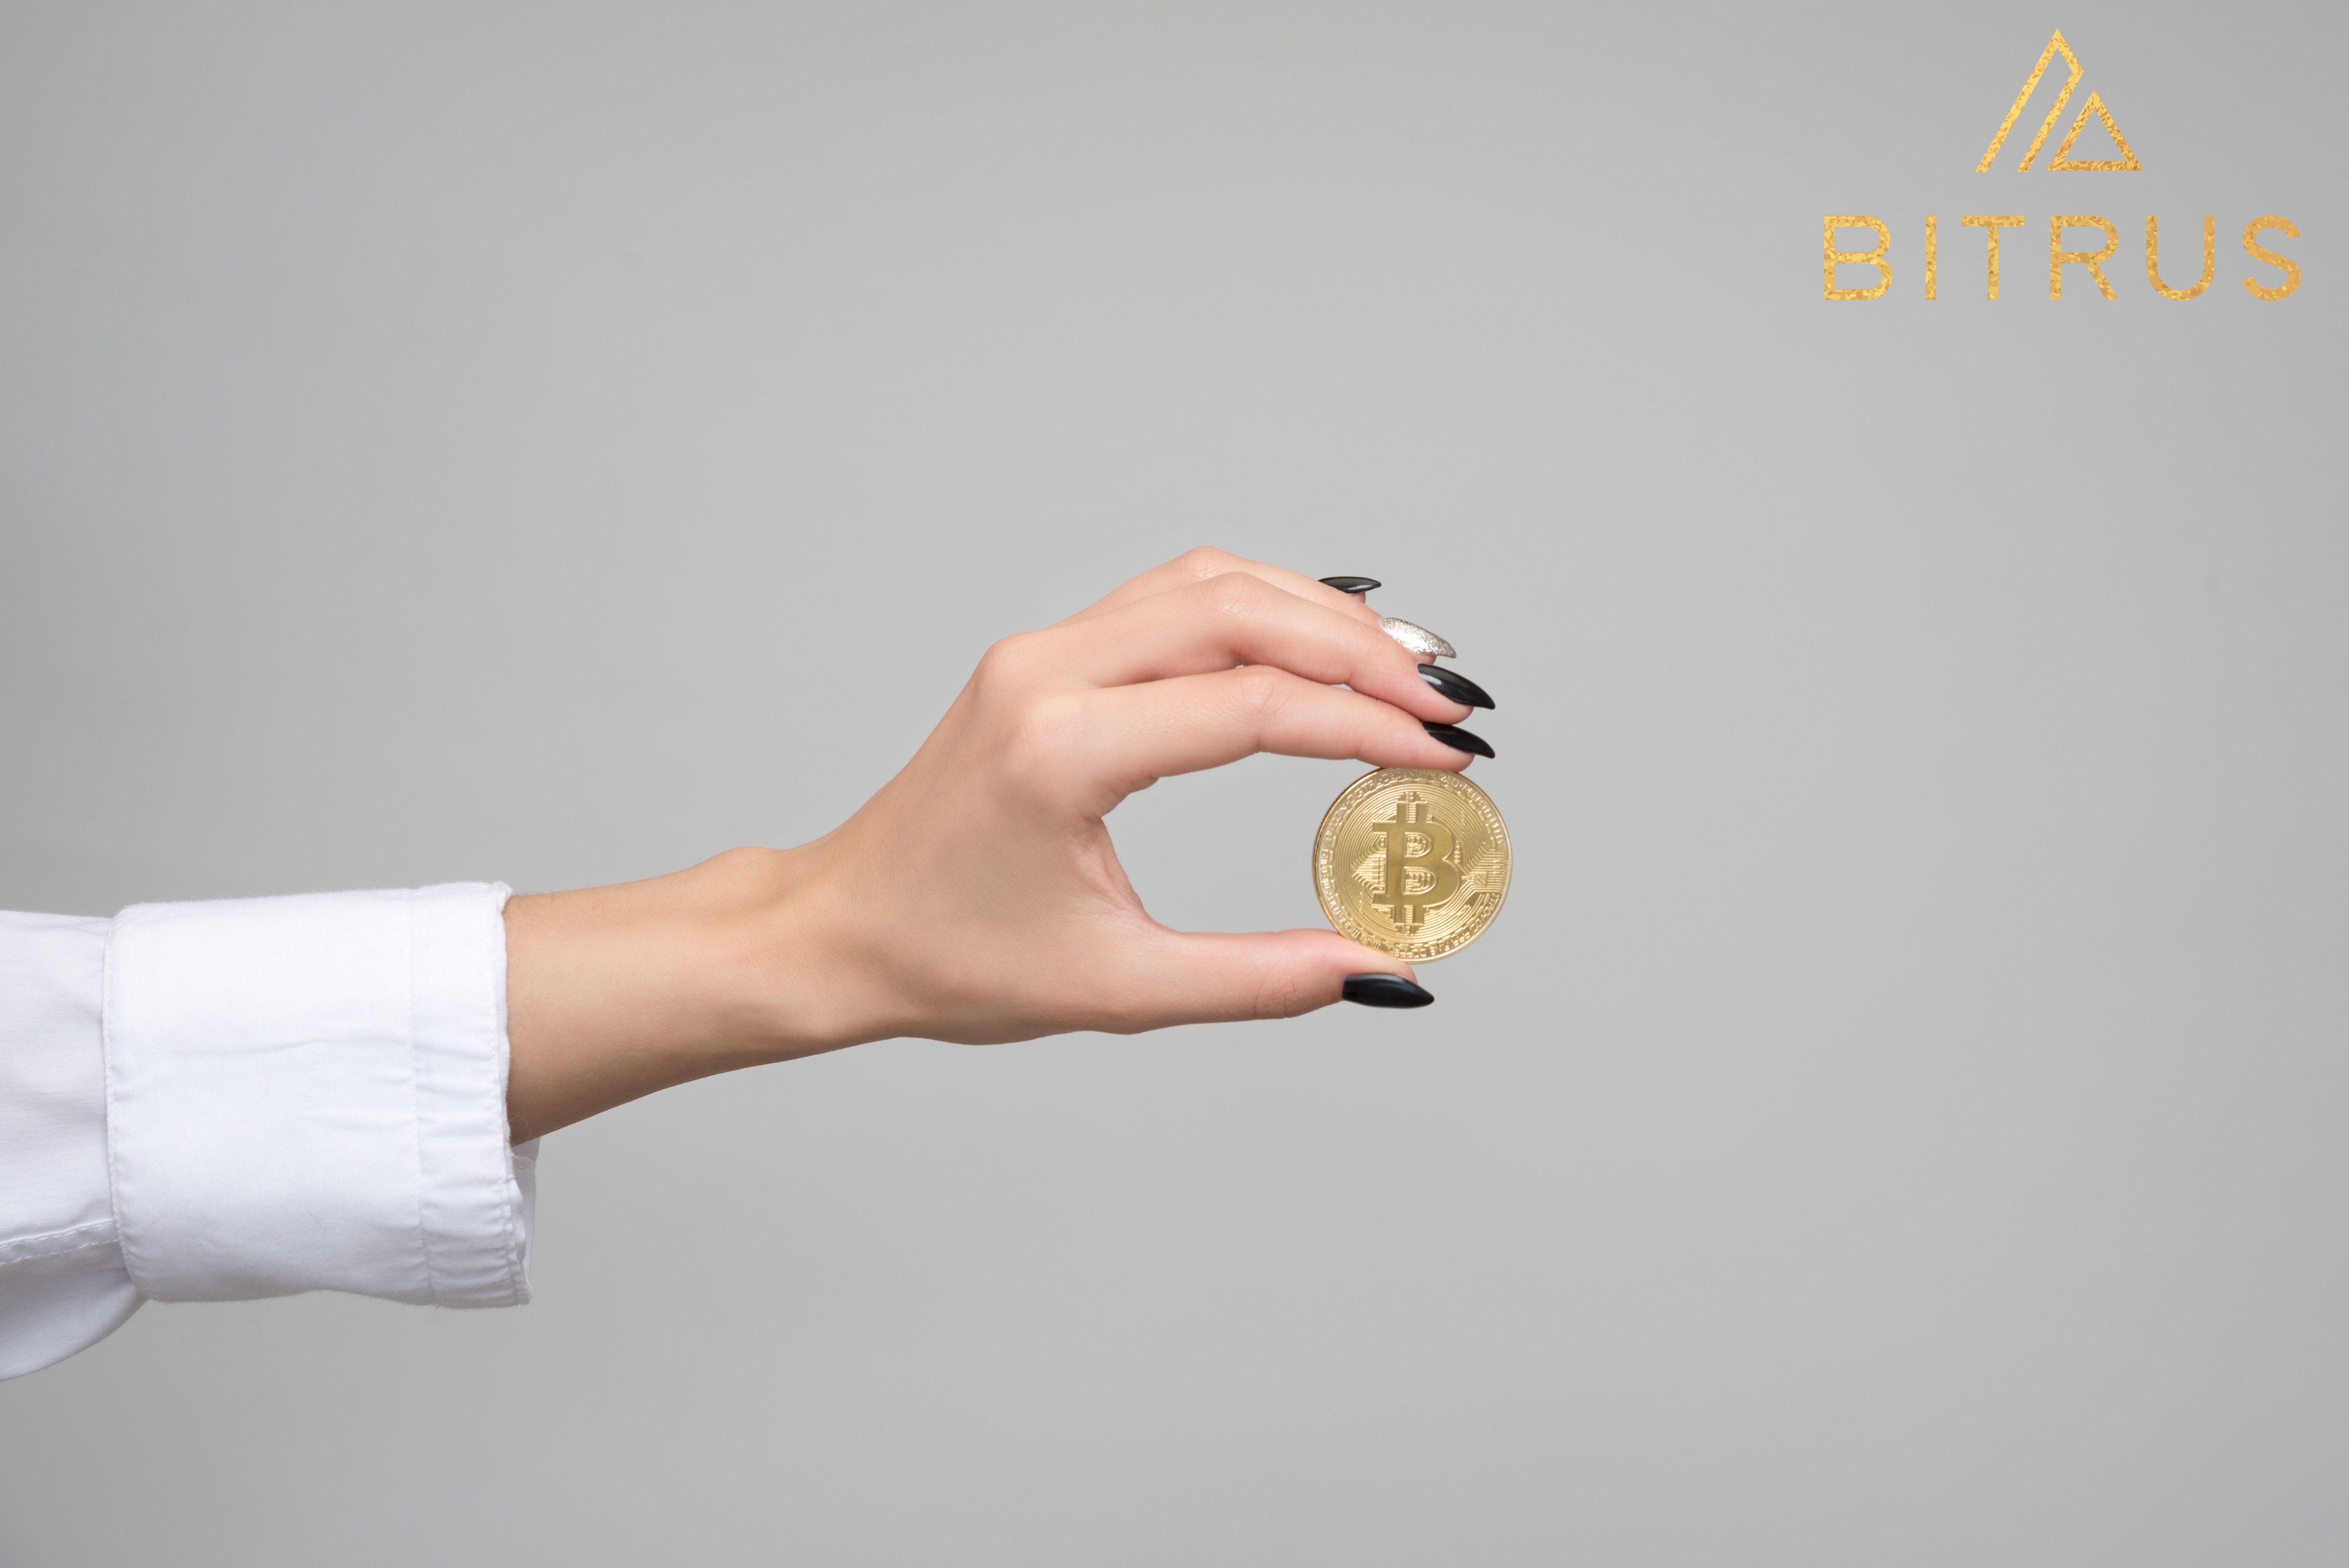 dezvoltarea bitcoin)